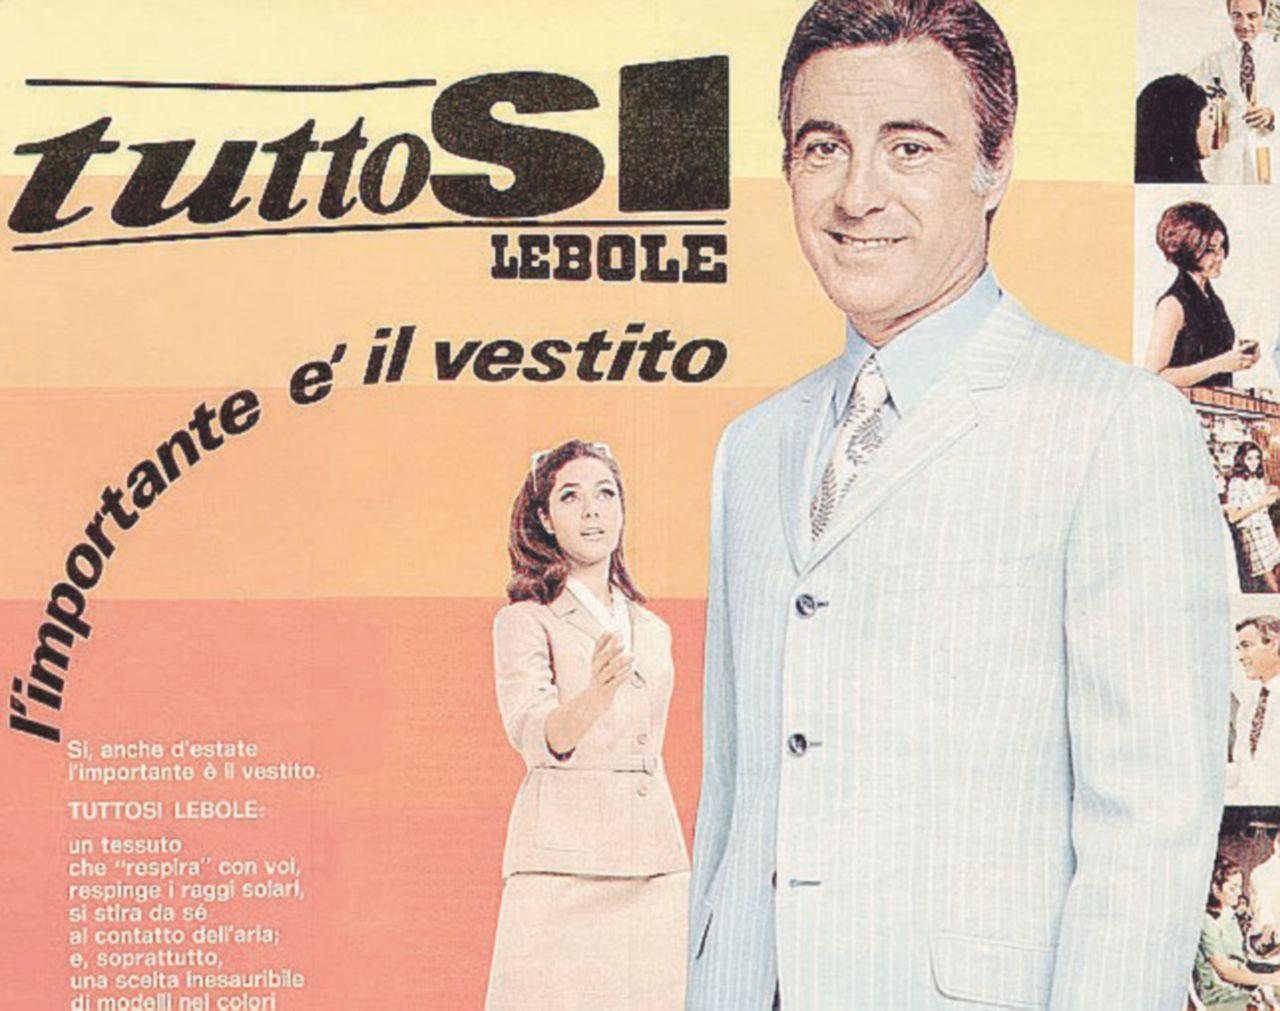 Lebole, l'uomo che vestì l'Italia (e Gelli)